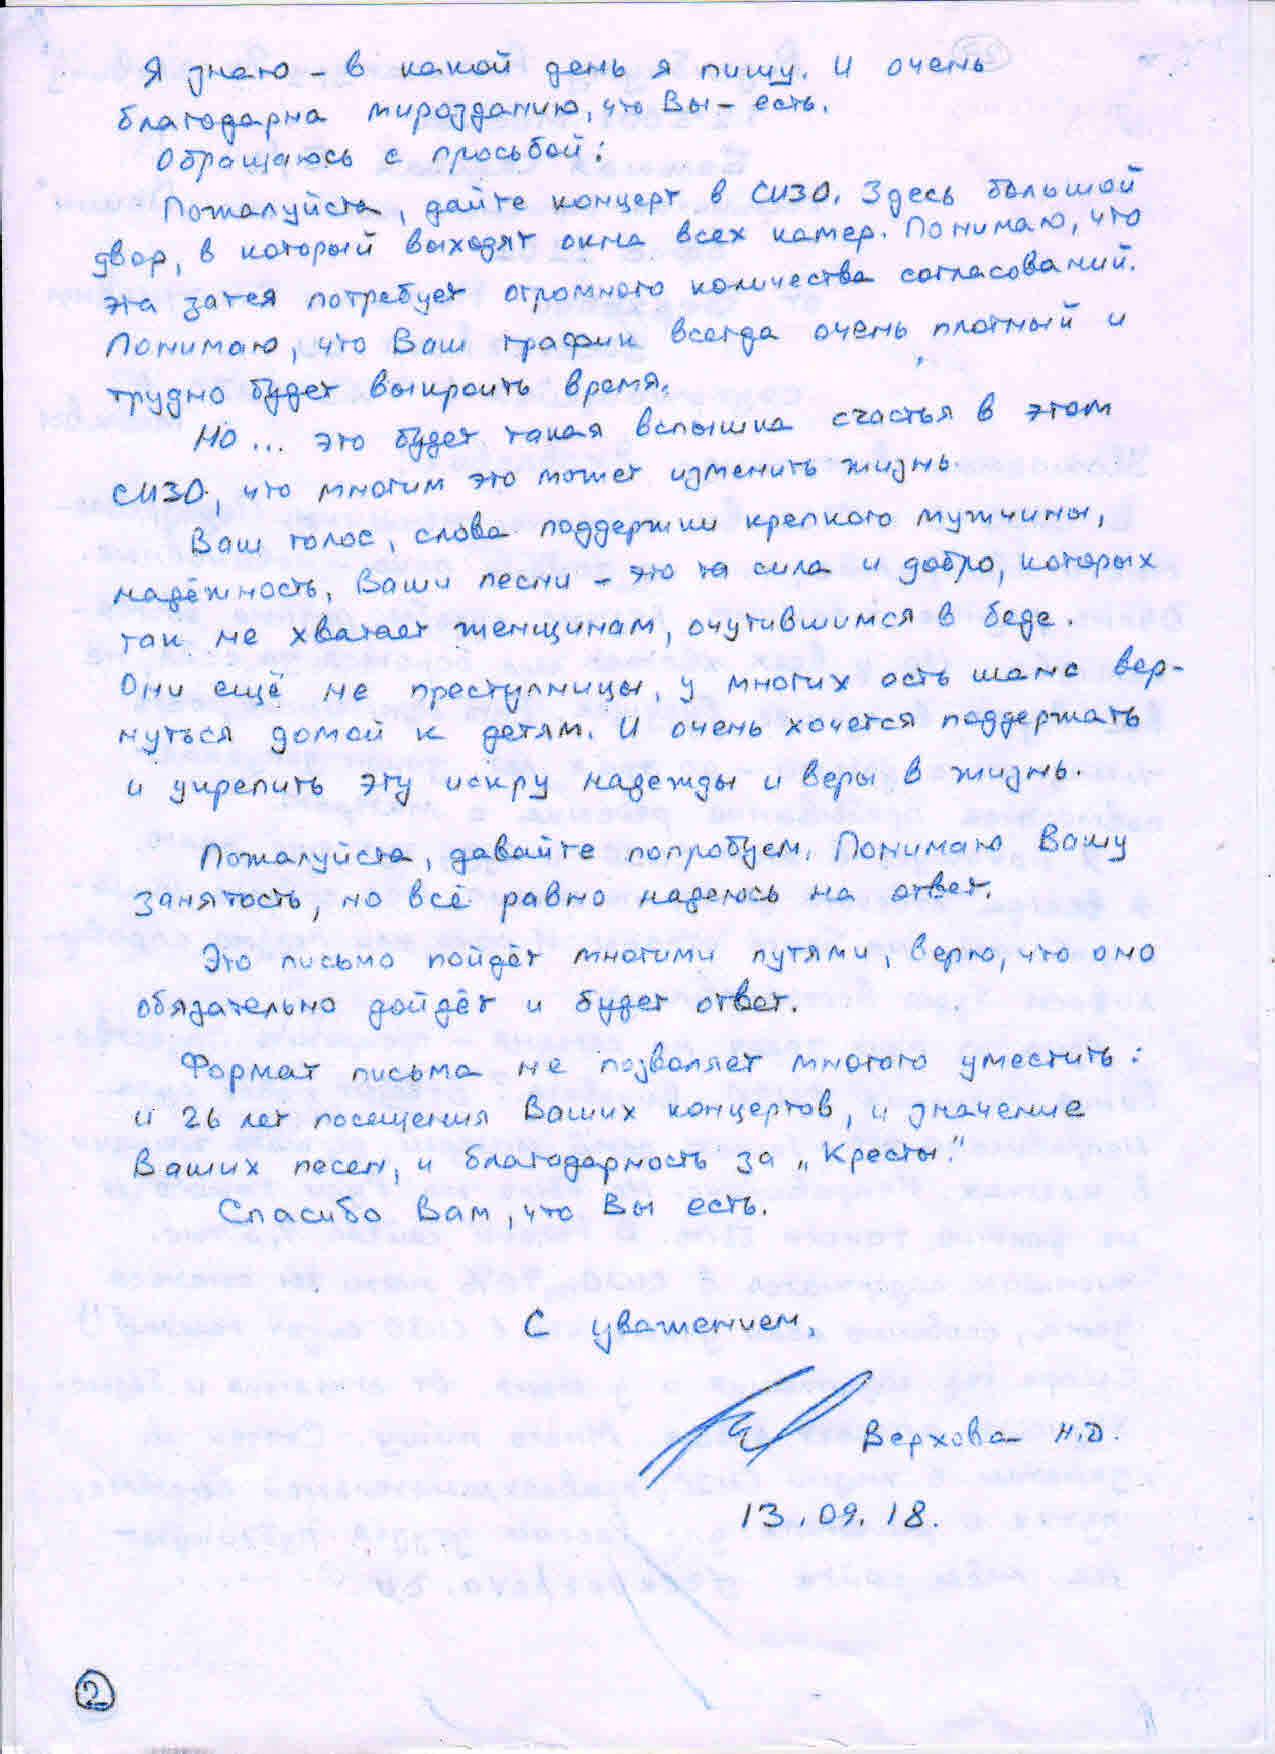 Письмо Розенбауму из СИЗО6 - стр.2